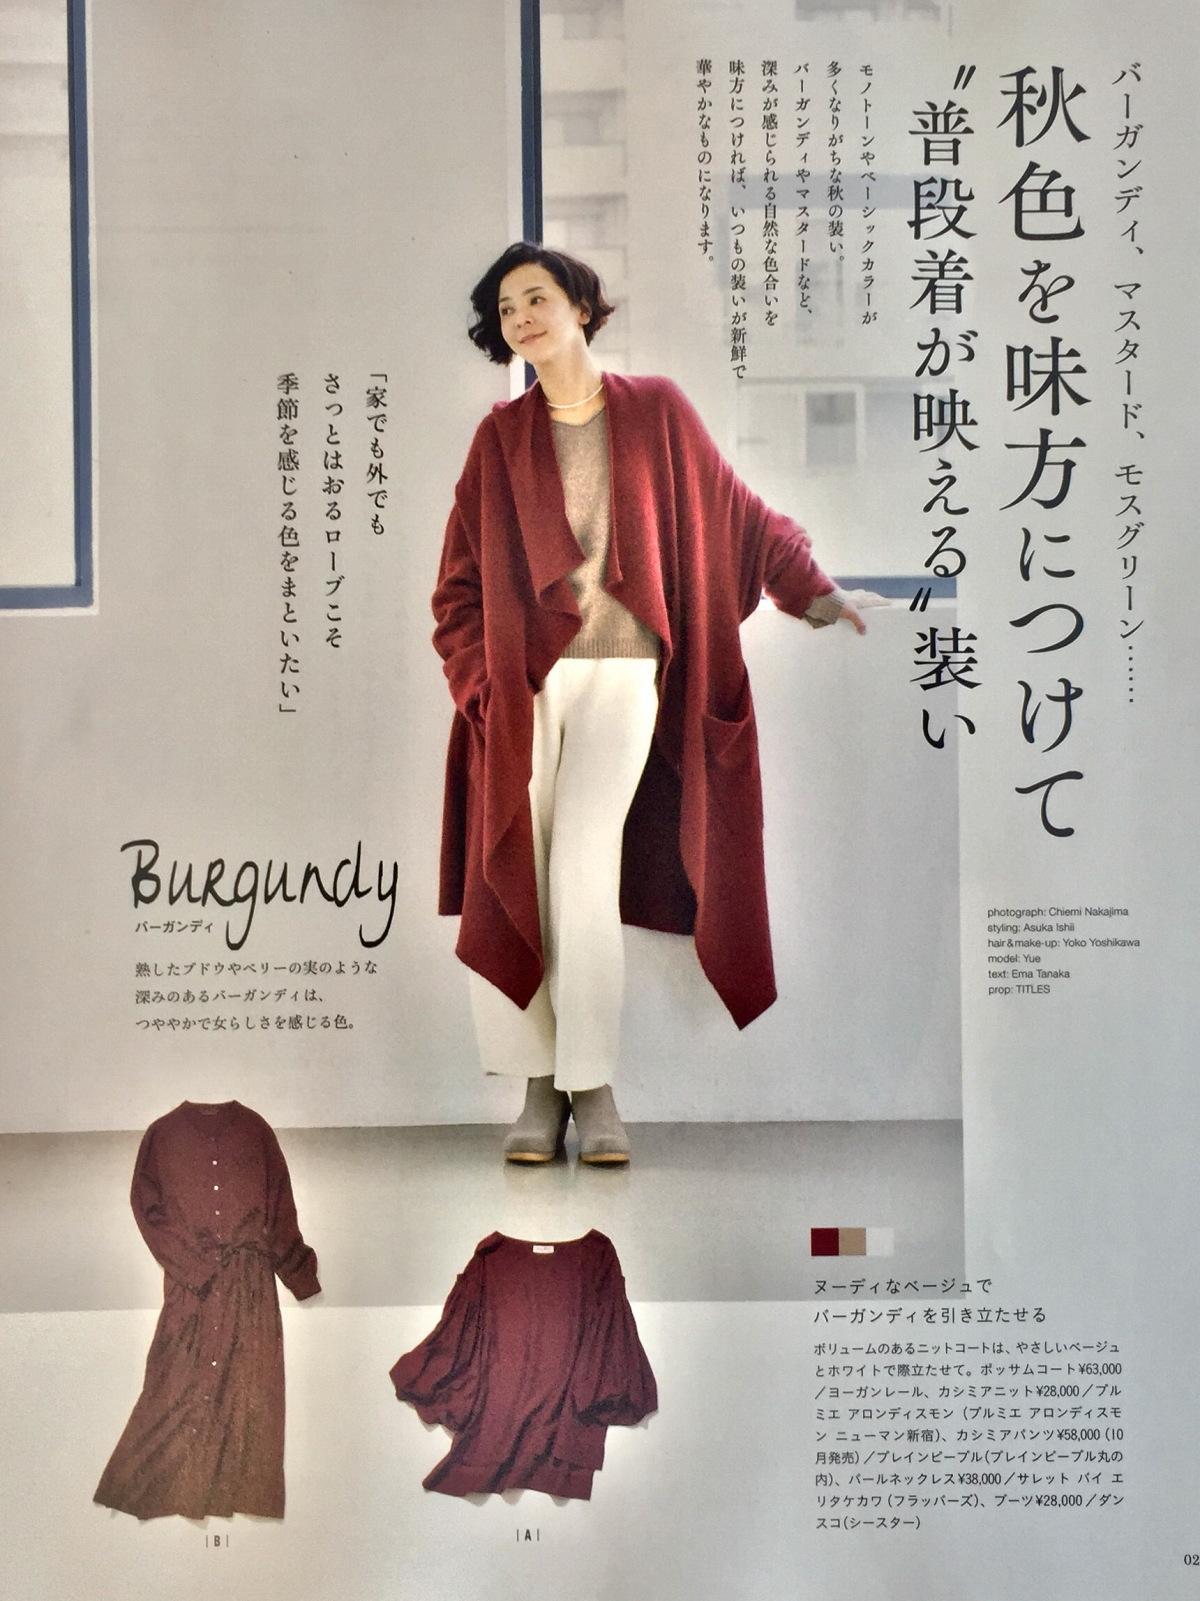 ダンスコ マリア Dansko Maria 【大人のおしゃれ手帖10月号】